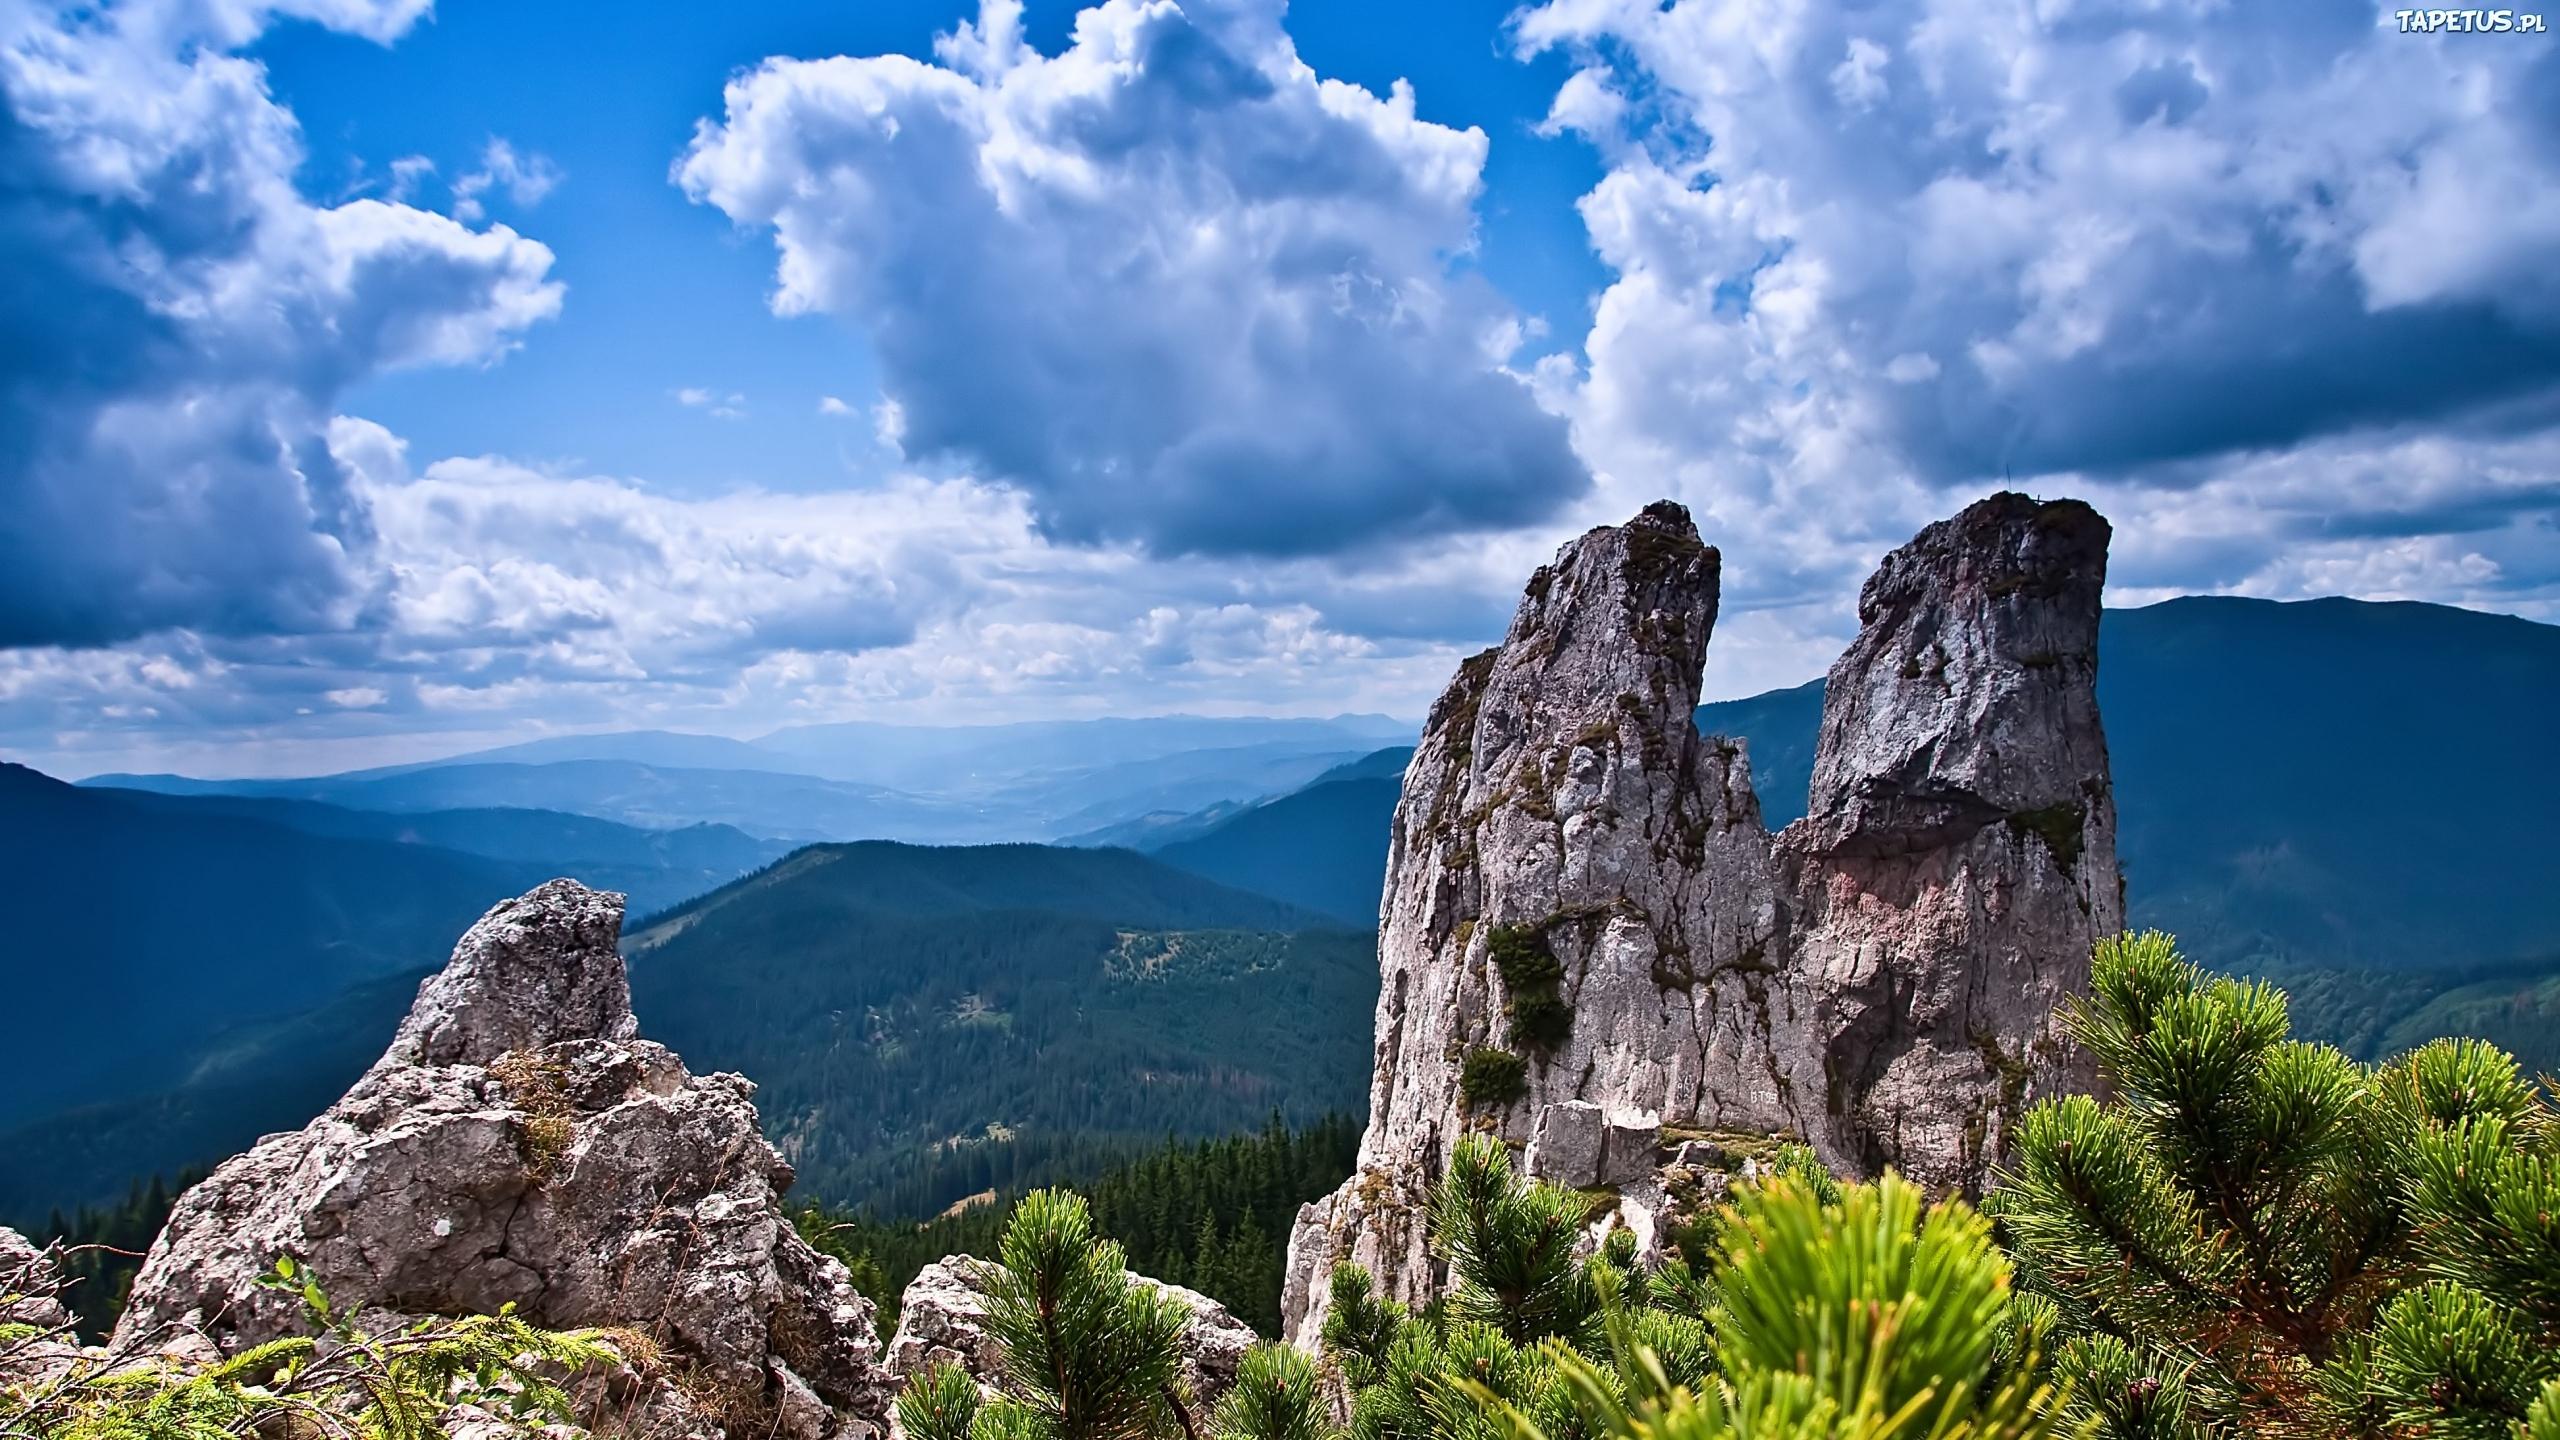 природа горы деревья скалы небо nature mountains trees rock the sky  № 379273 бесплатно